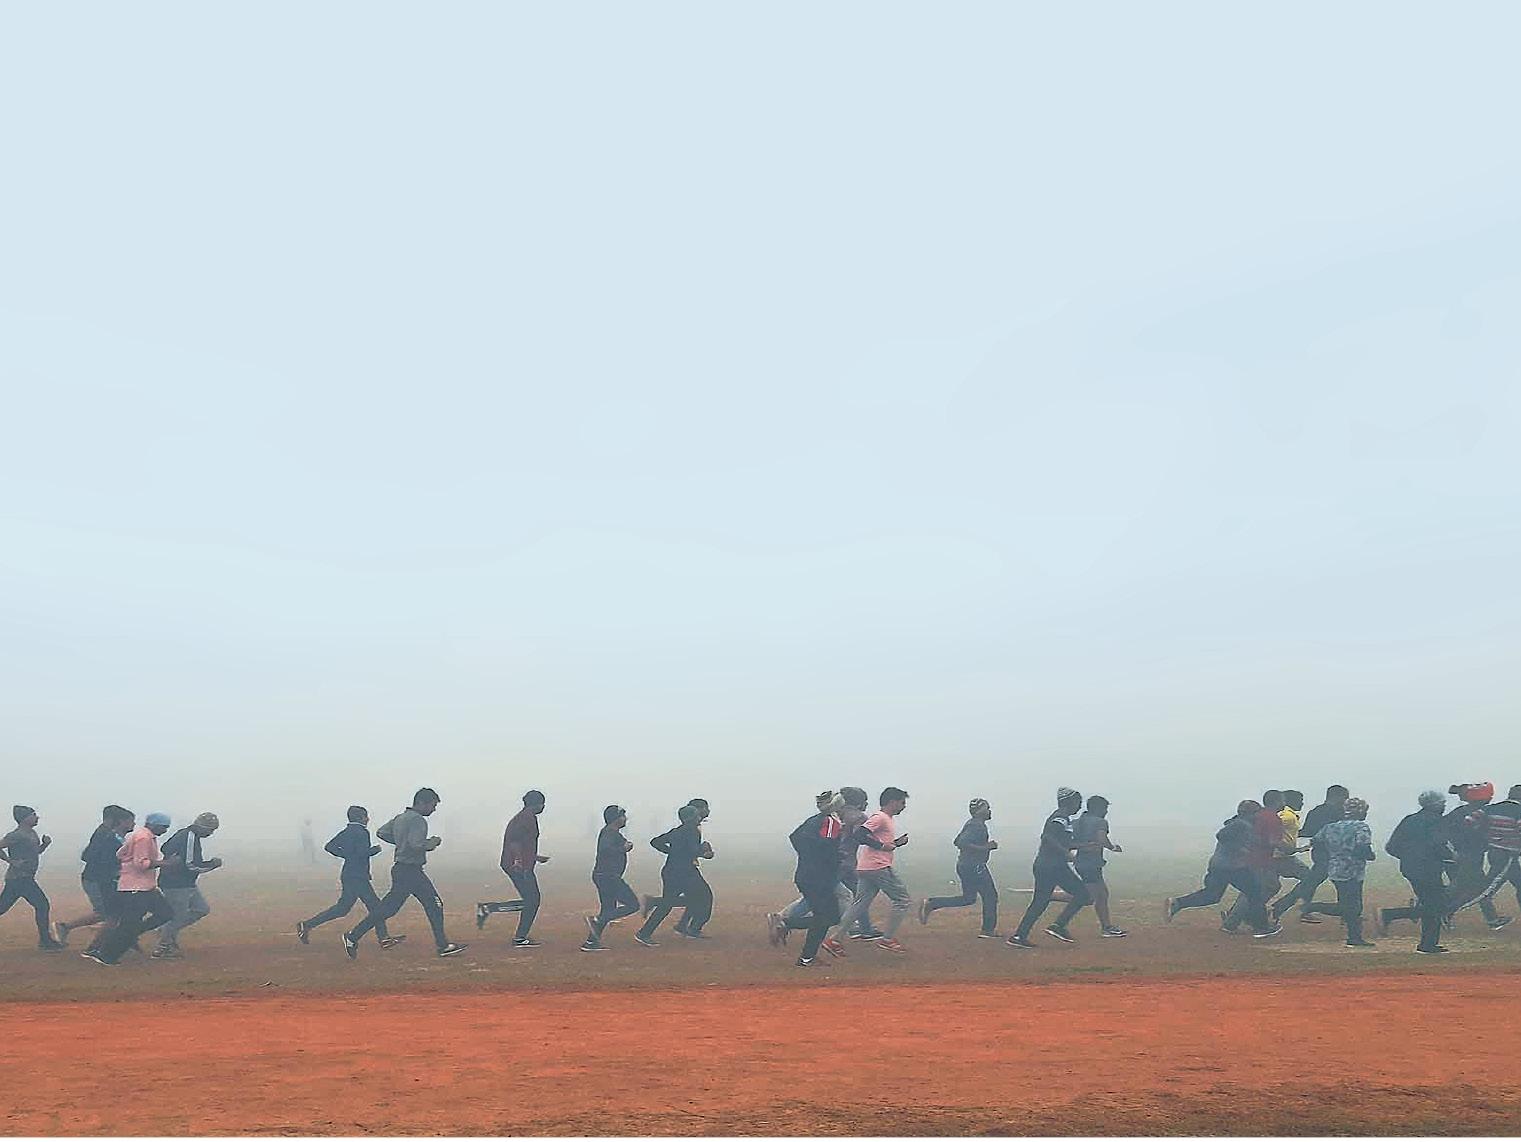 पटना के गांधी मैदान में सेना भर्ती के लिए सुबह के समय दौड़ लगाते युवा।